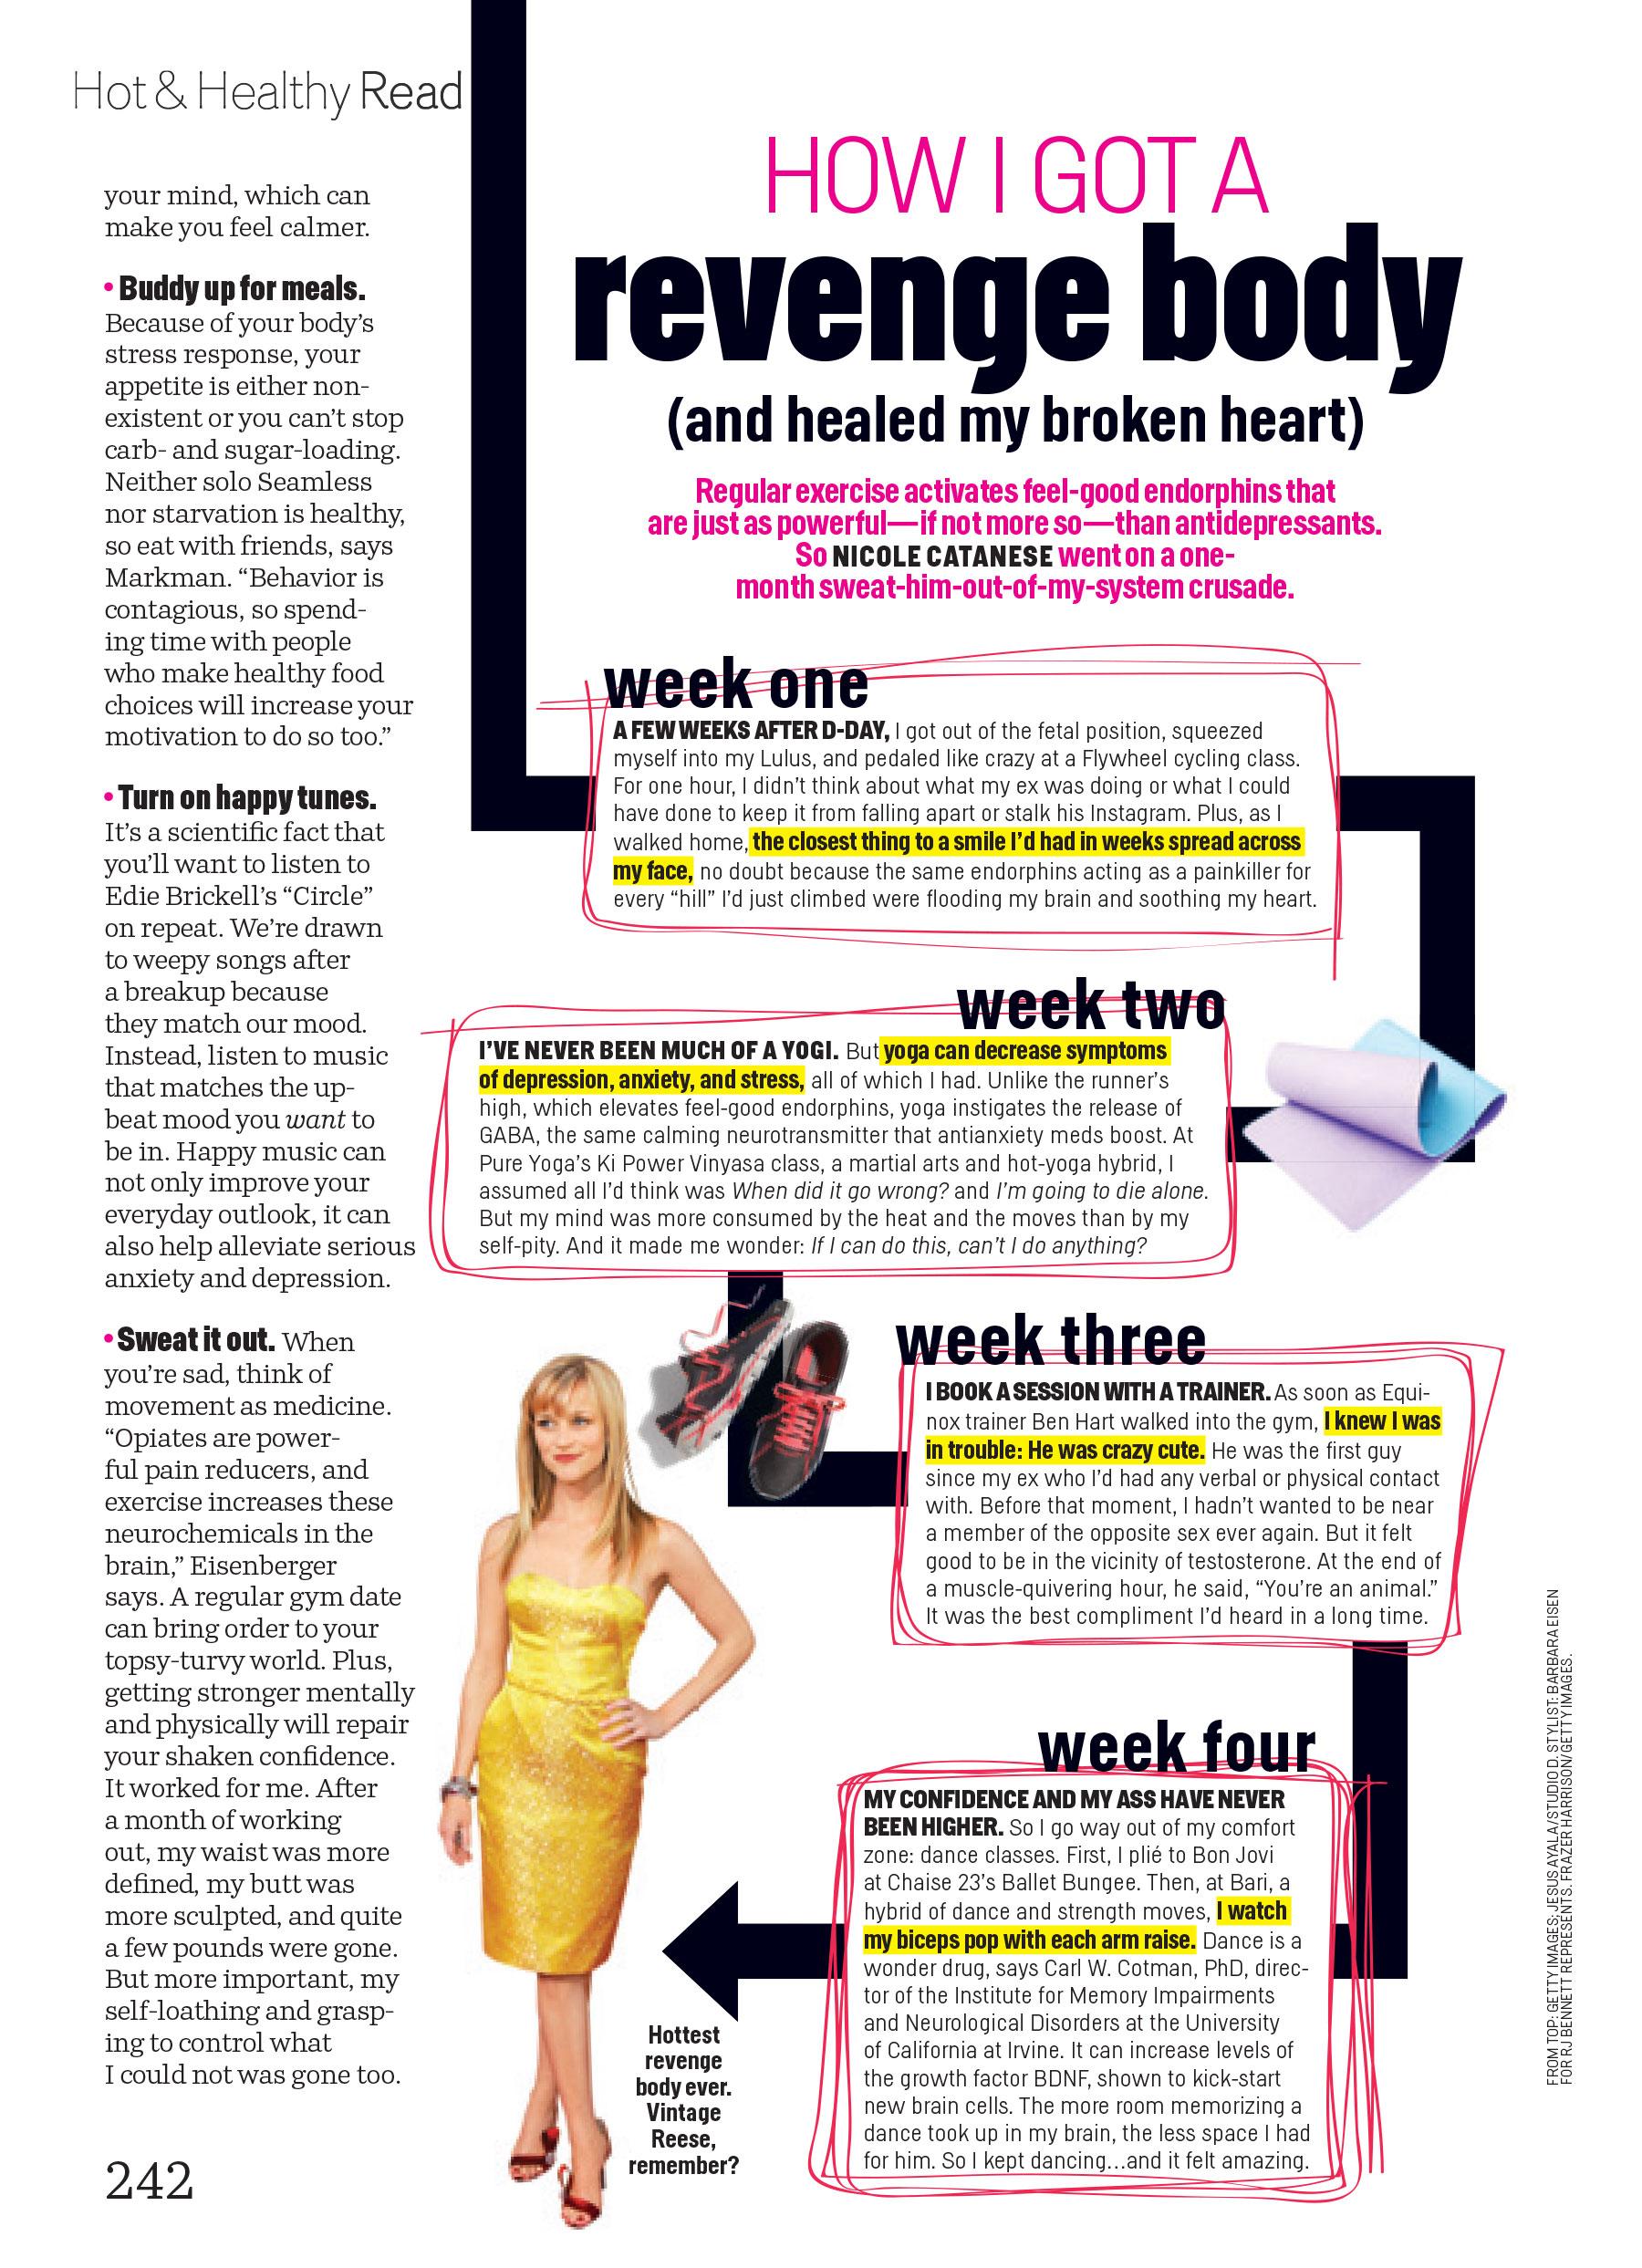 NicoleCatanese_Cosmopolitan_HealthBreakups_C.jpg